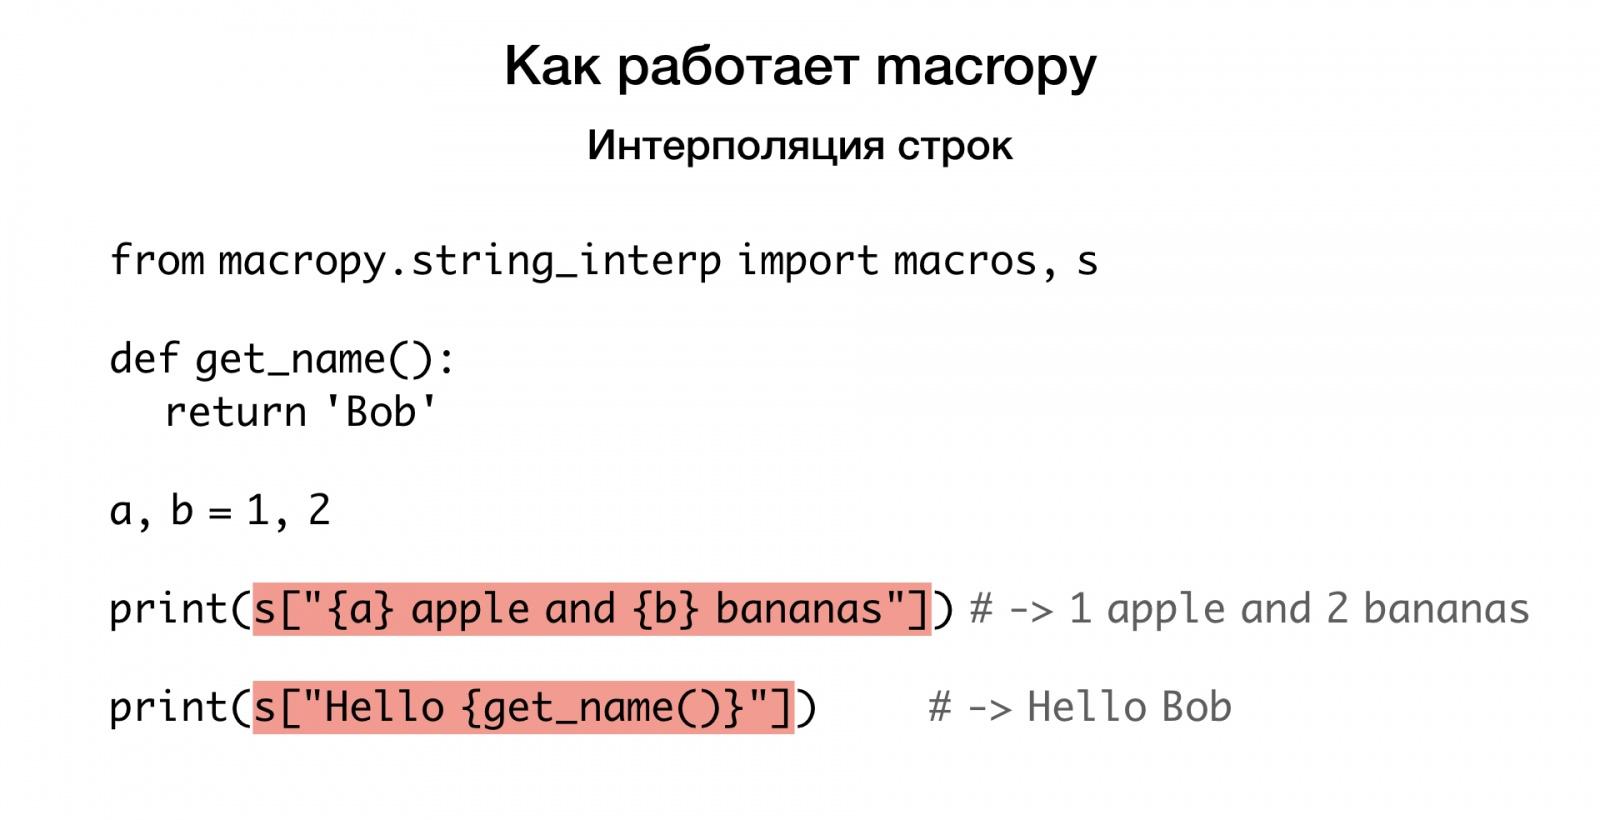 Макросы для питониста. Доклад Яндекса - 13